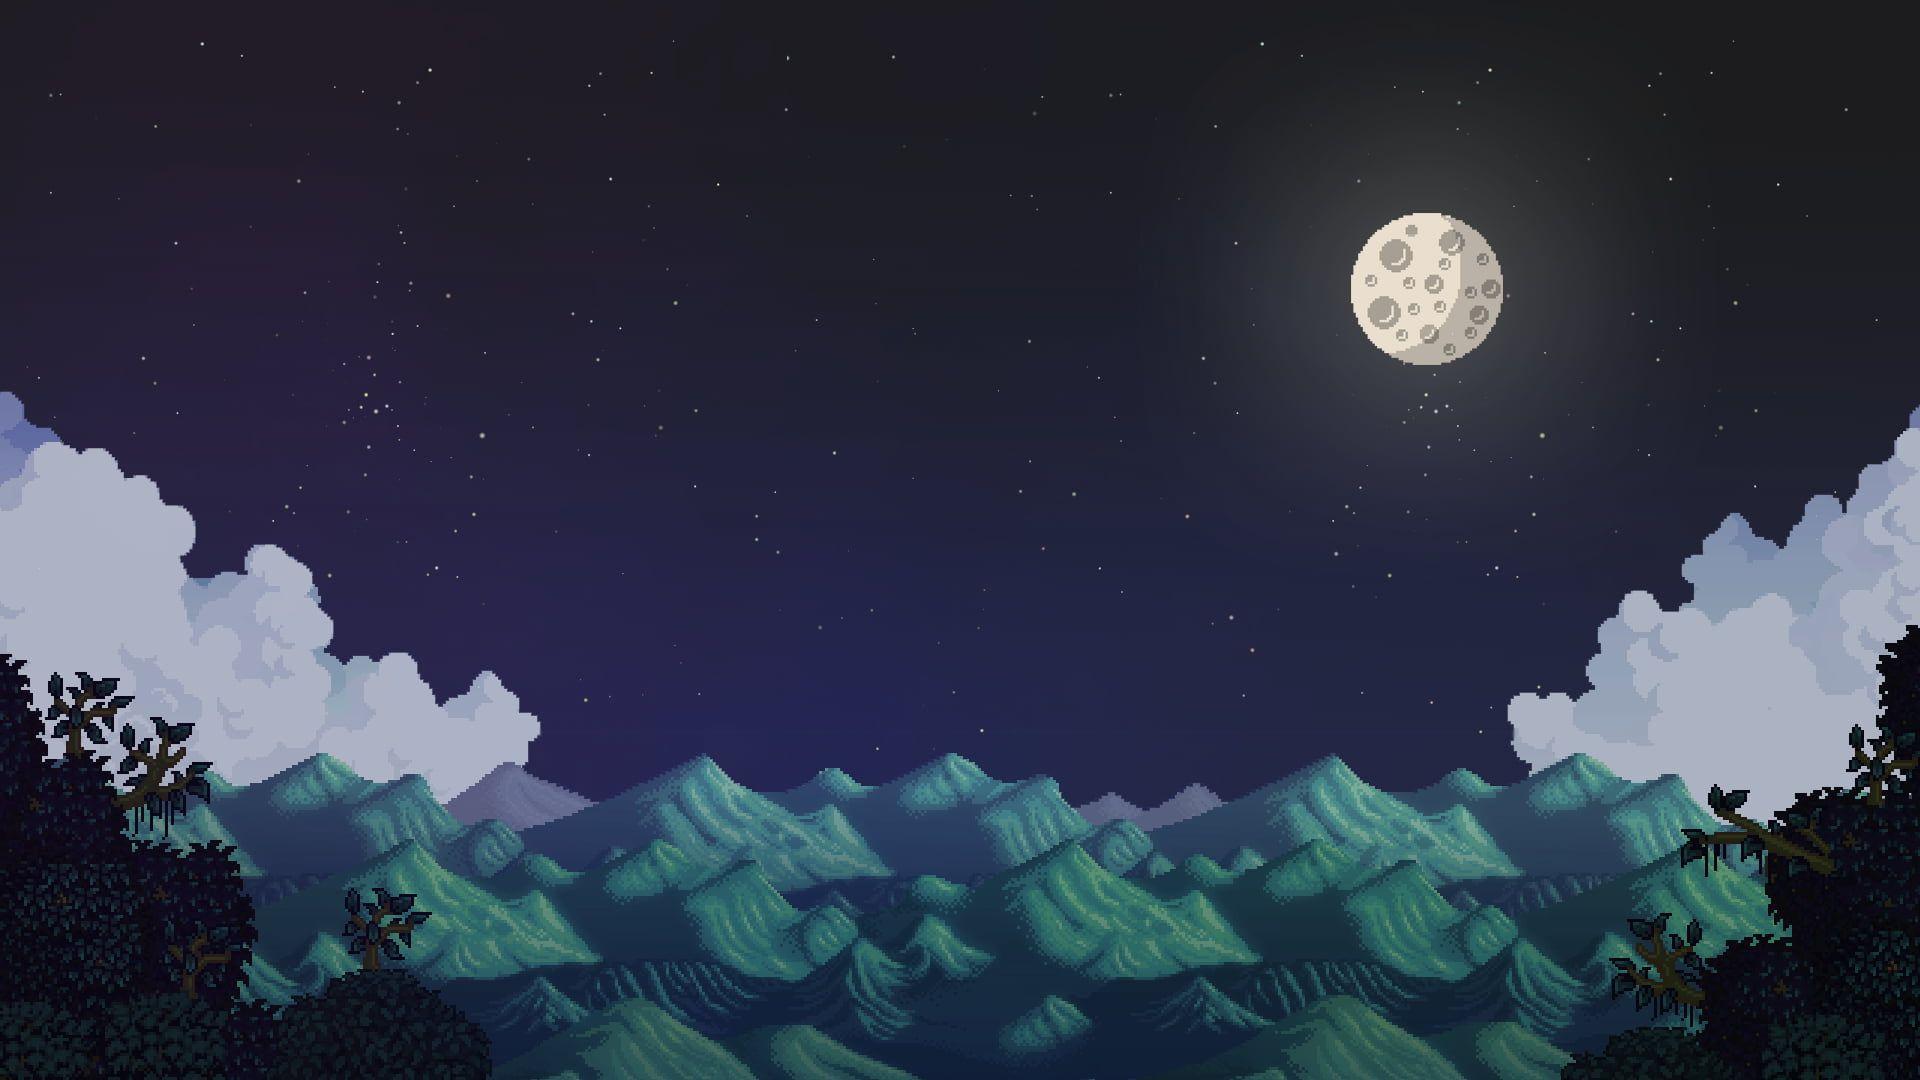 Stardew Valley #Moon #landscape pixel art #1080P # ...